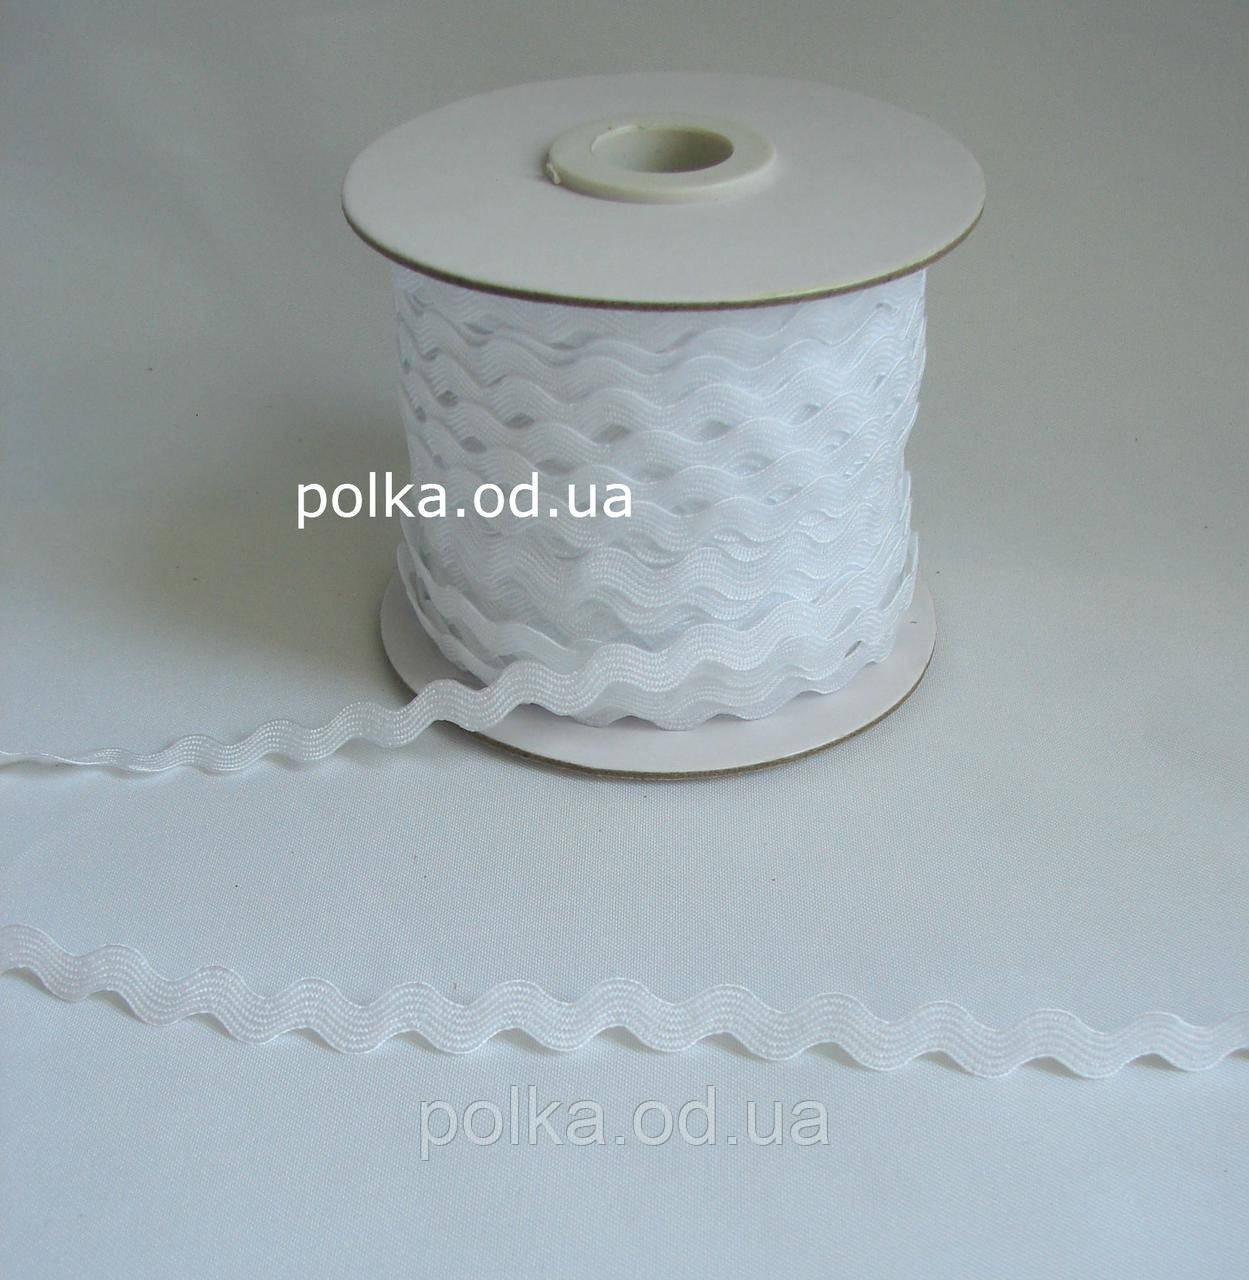 Белая тесьма вьюнок (1 уп-45метров)